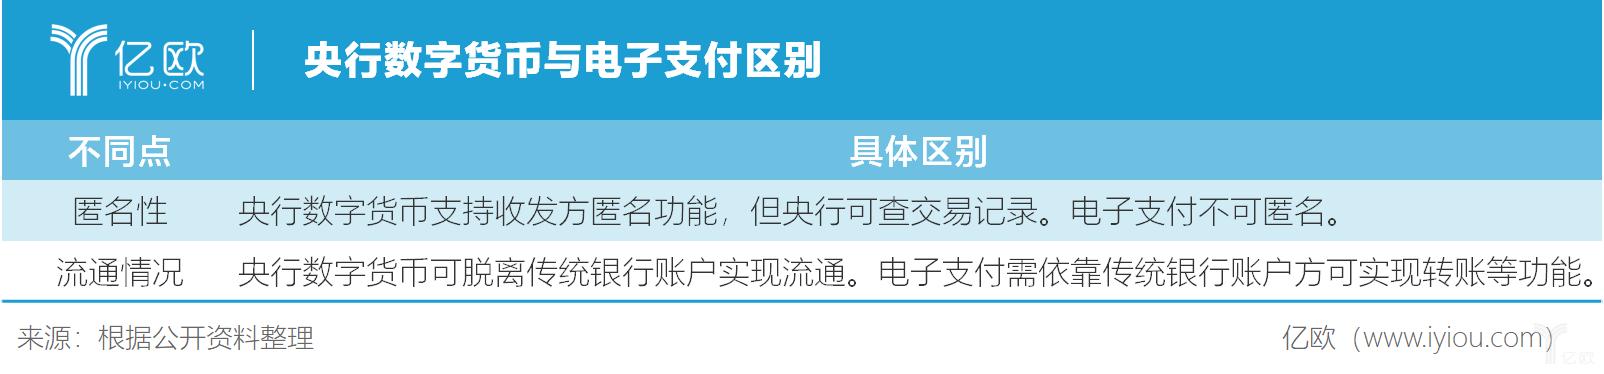 亿欧智库:央行数字货币与电子支付区别